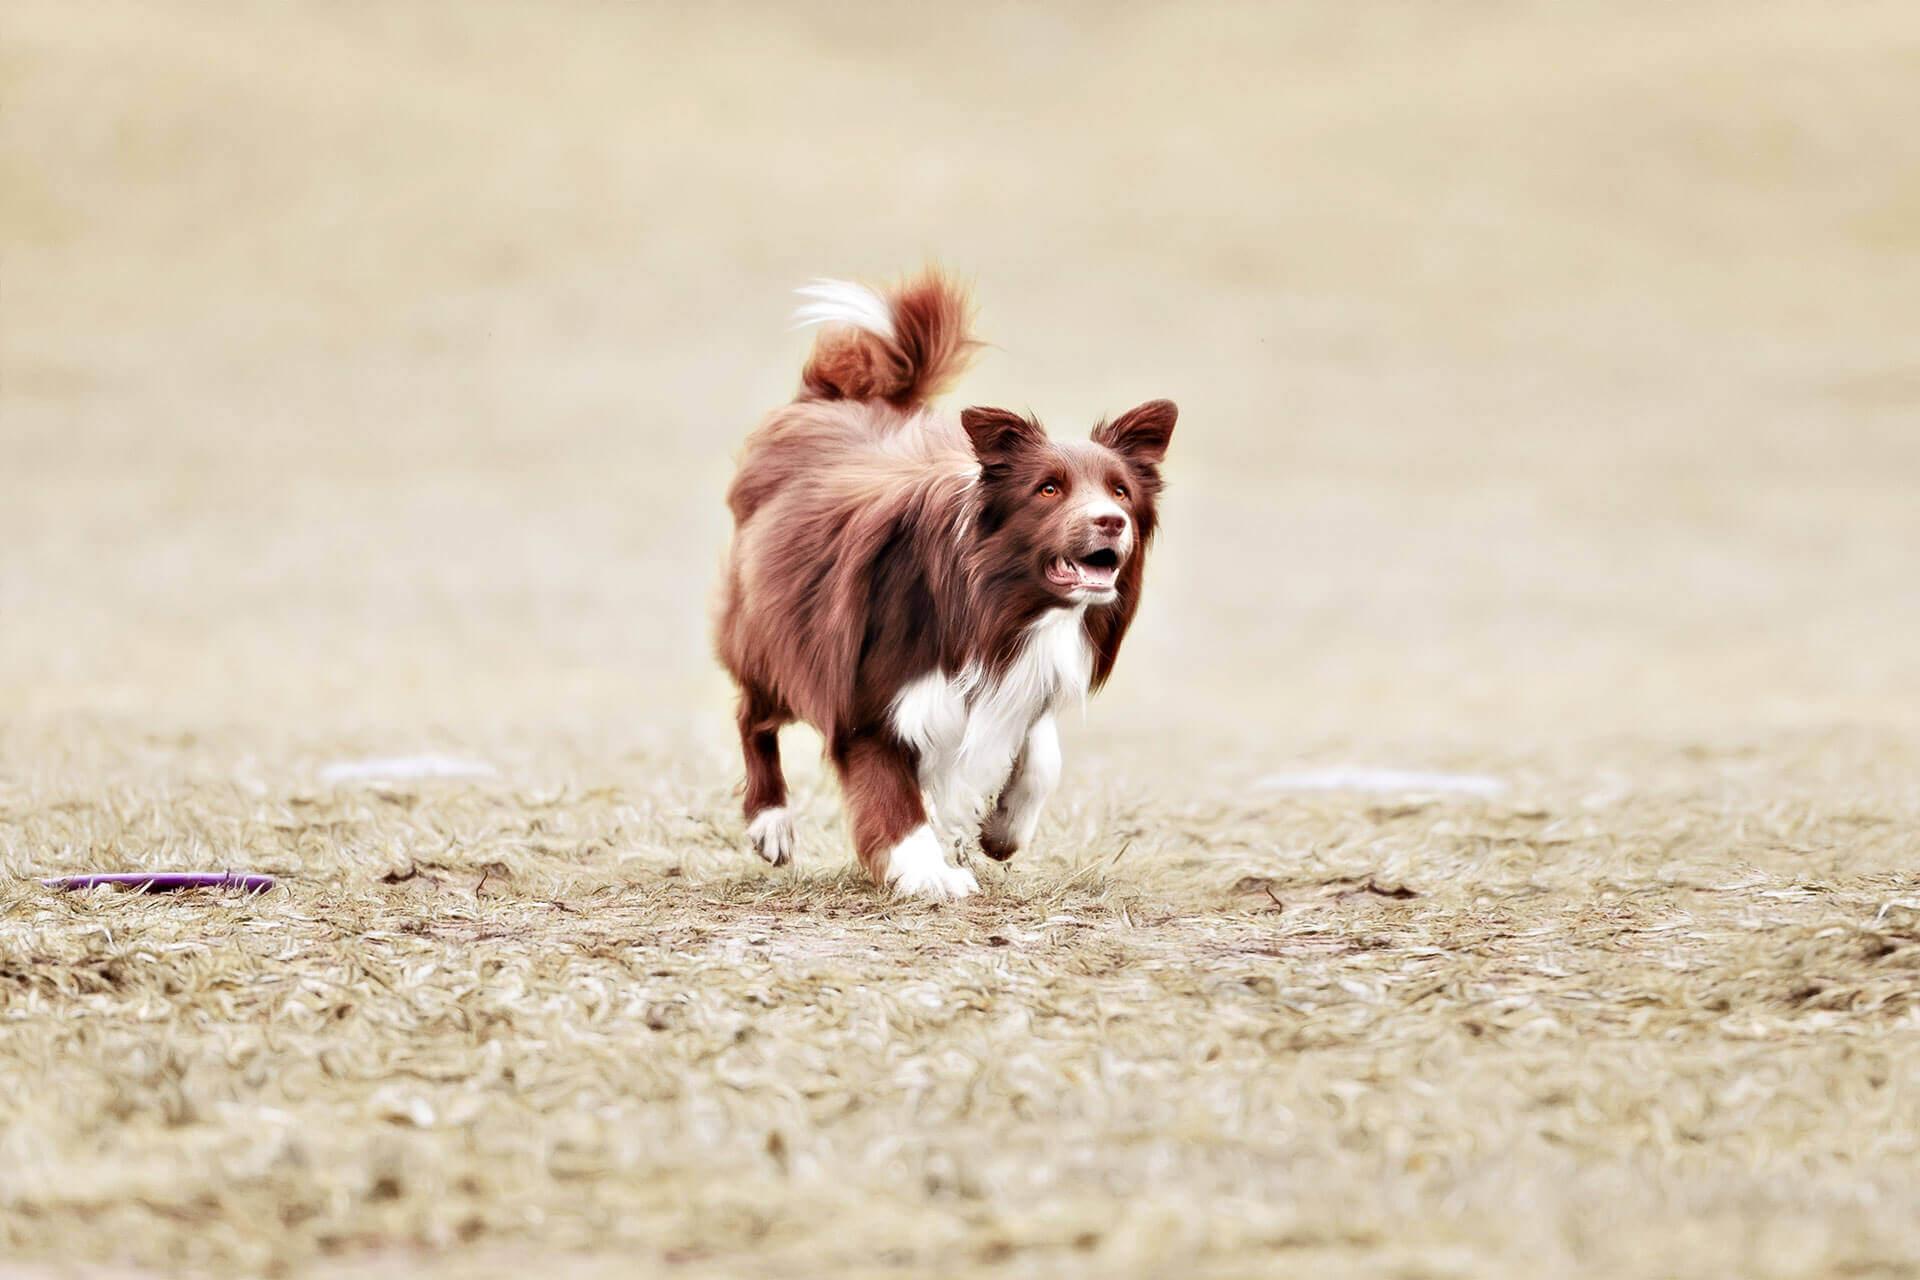 Hund läuft weg: der Jagdinstinkt ist einer der häufigsten Gründe für ein Davonlaufen